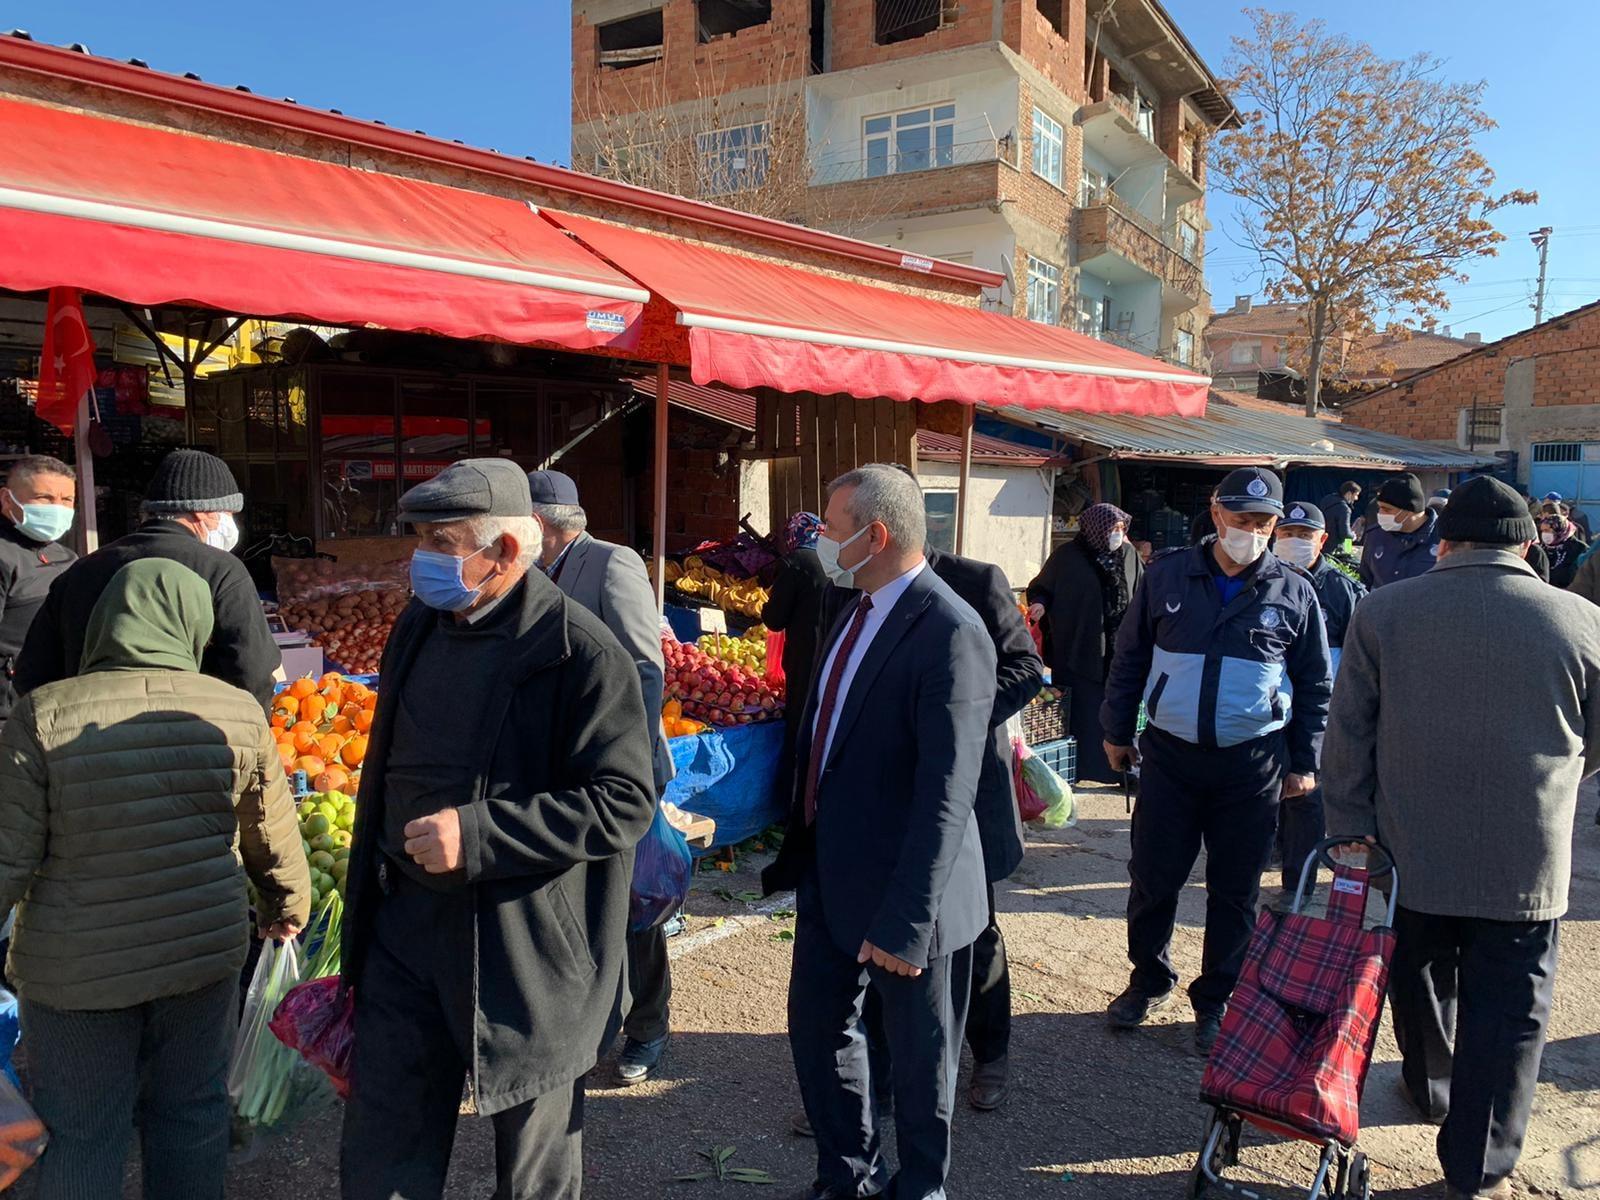 Sungurlu Belediye Başkan Yardımcısı Mükremin Dağaşan, Perşembe pazarında incelemelerde bulundu.